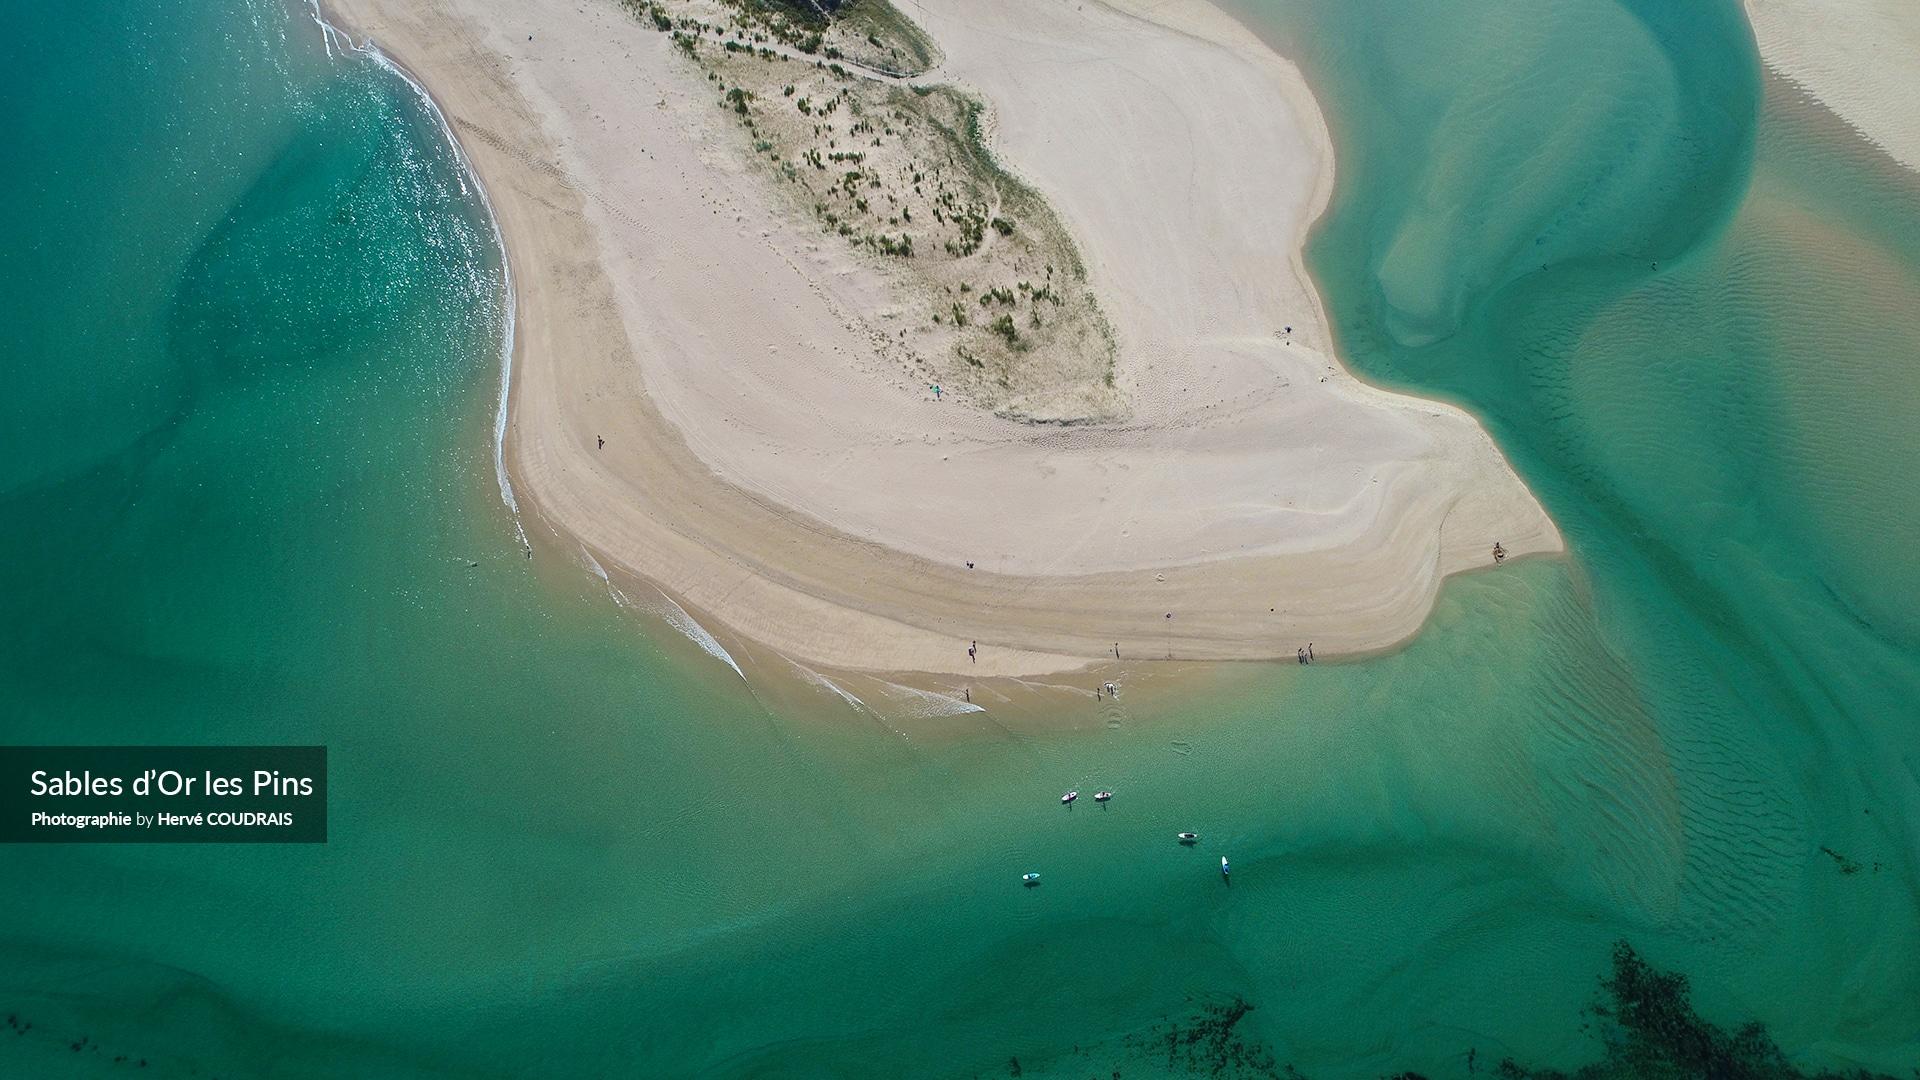 Sables d'Or Les Pins (photographie Hervé Coudrais, la lagune, tourisme, Côtes d'Armor, Bretagne, France )